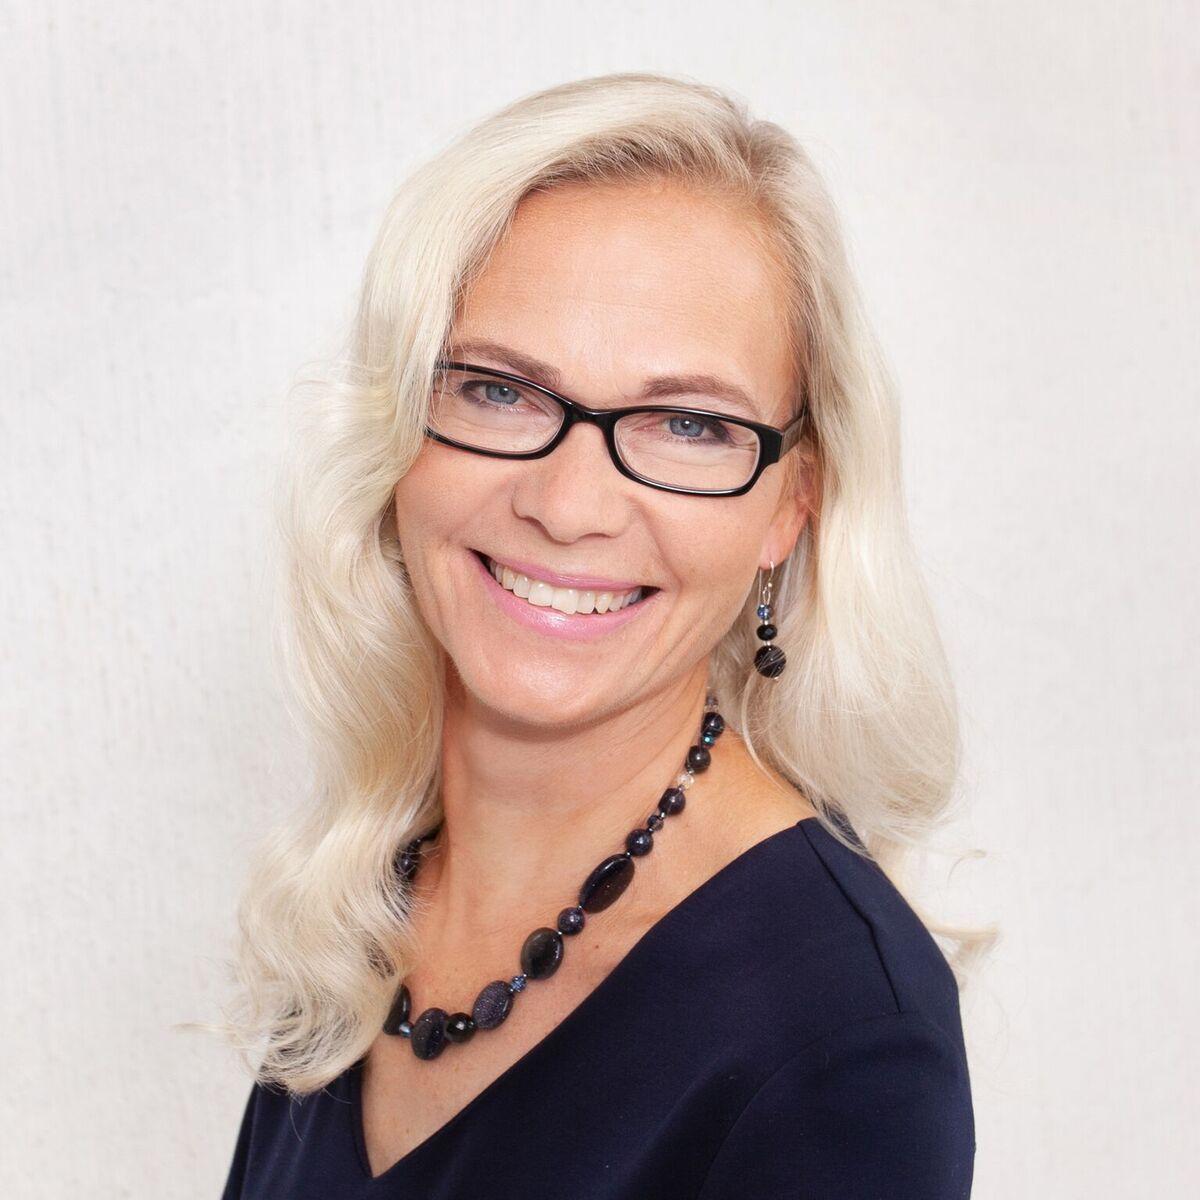 Jaana Villanen, arvostrategi, palvelu- ja liiketoimintavalmentaja ja tietokirjailija